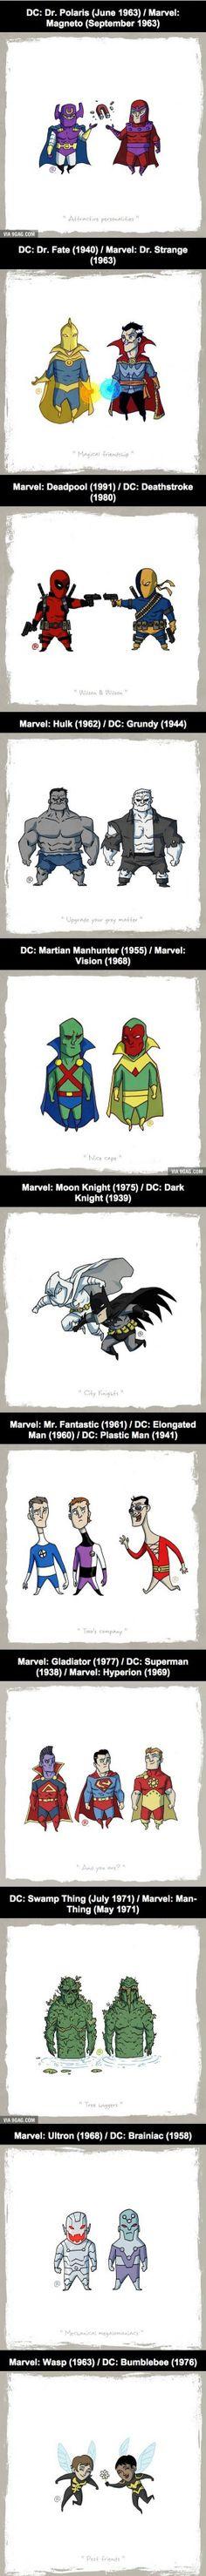 Heeey geeks! Que a disputa dos fandom Marvel vs DC vem de loooonga data, a gente já sabe. Mas pra ilustrar um pouco isso e botar mais lenha na fogueira o9gagfez uma postagem com vários super-heró…